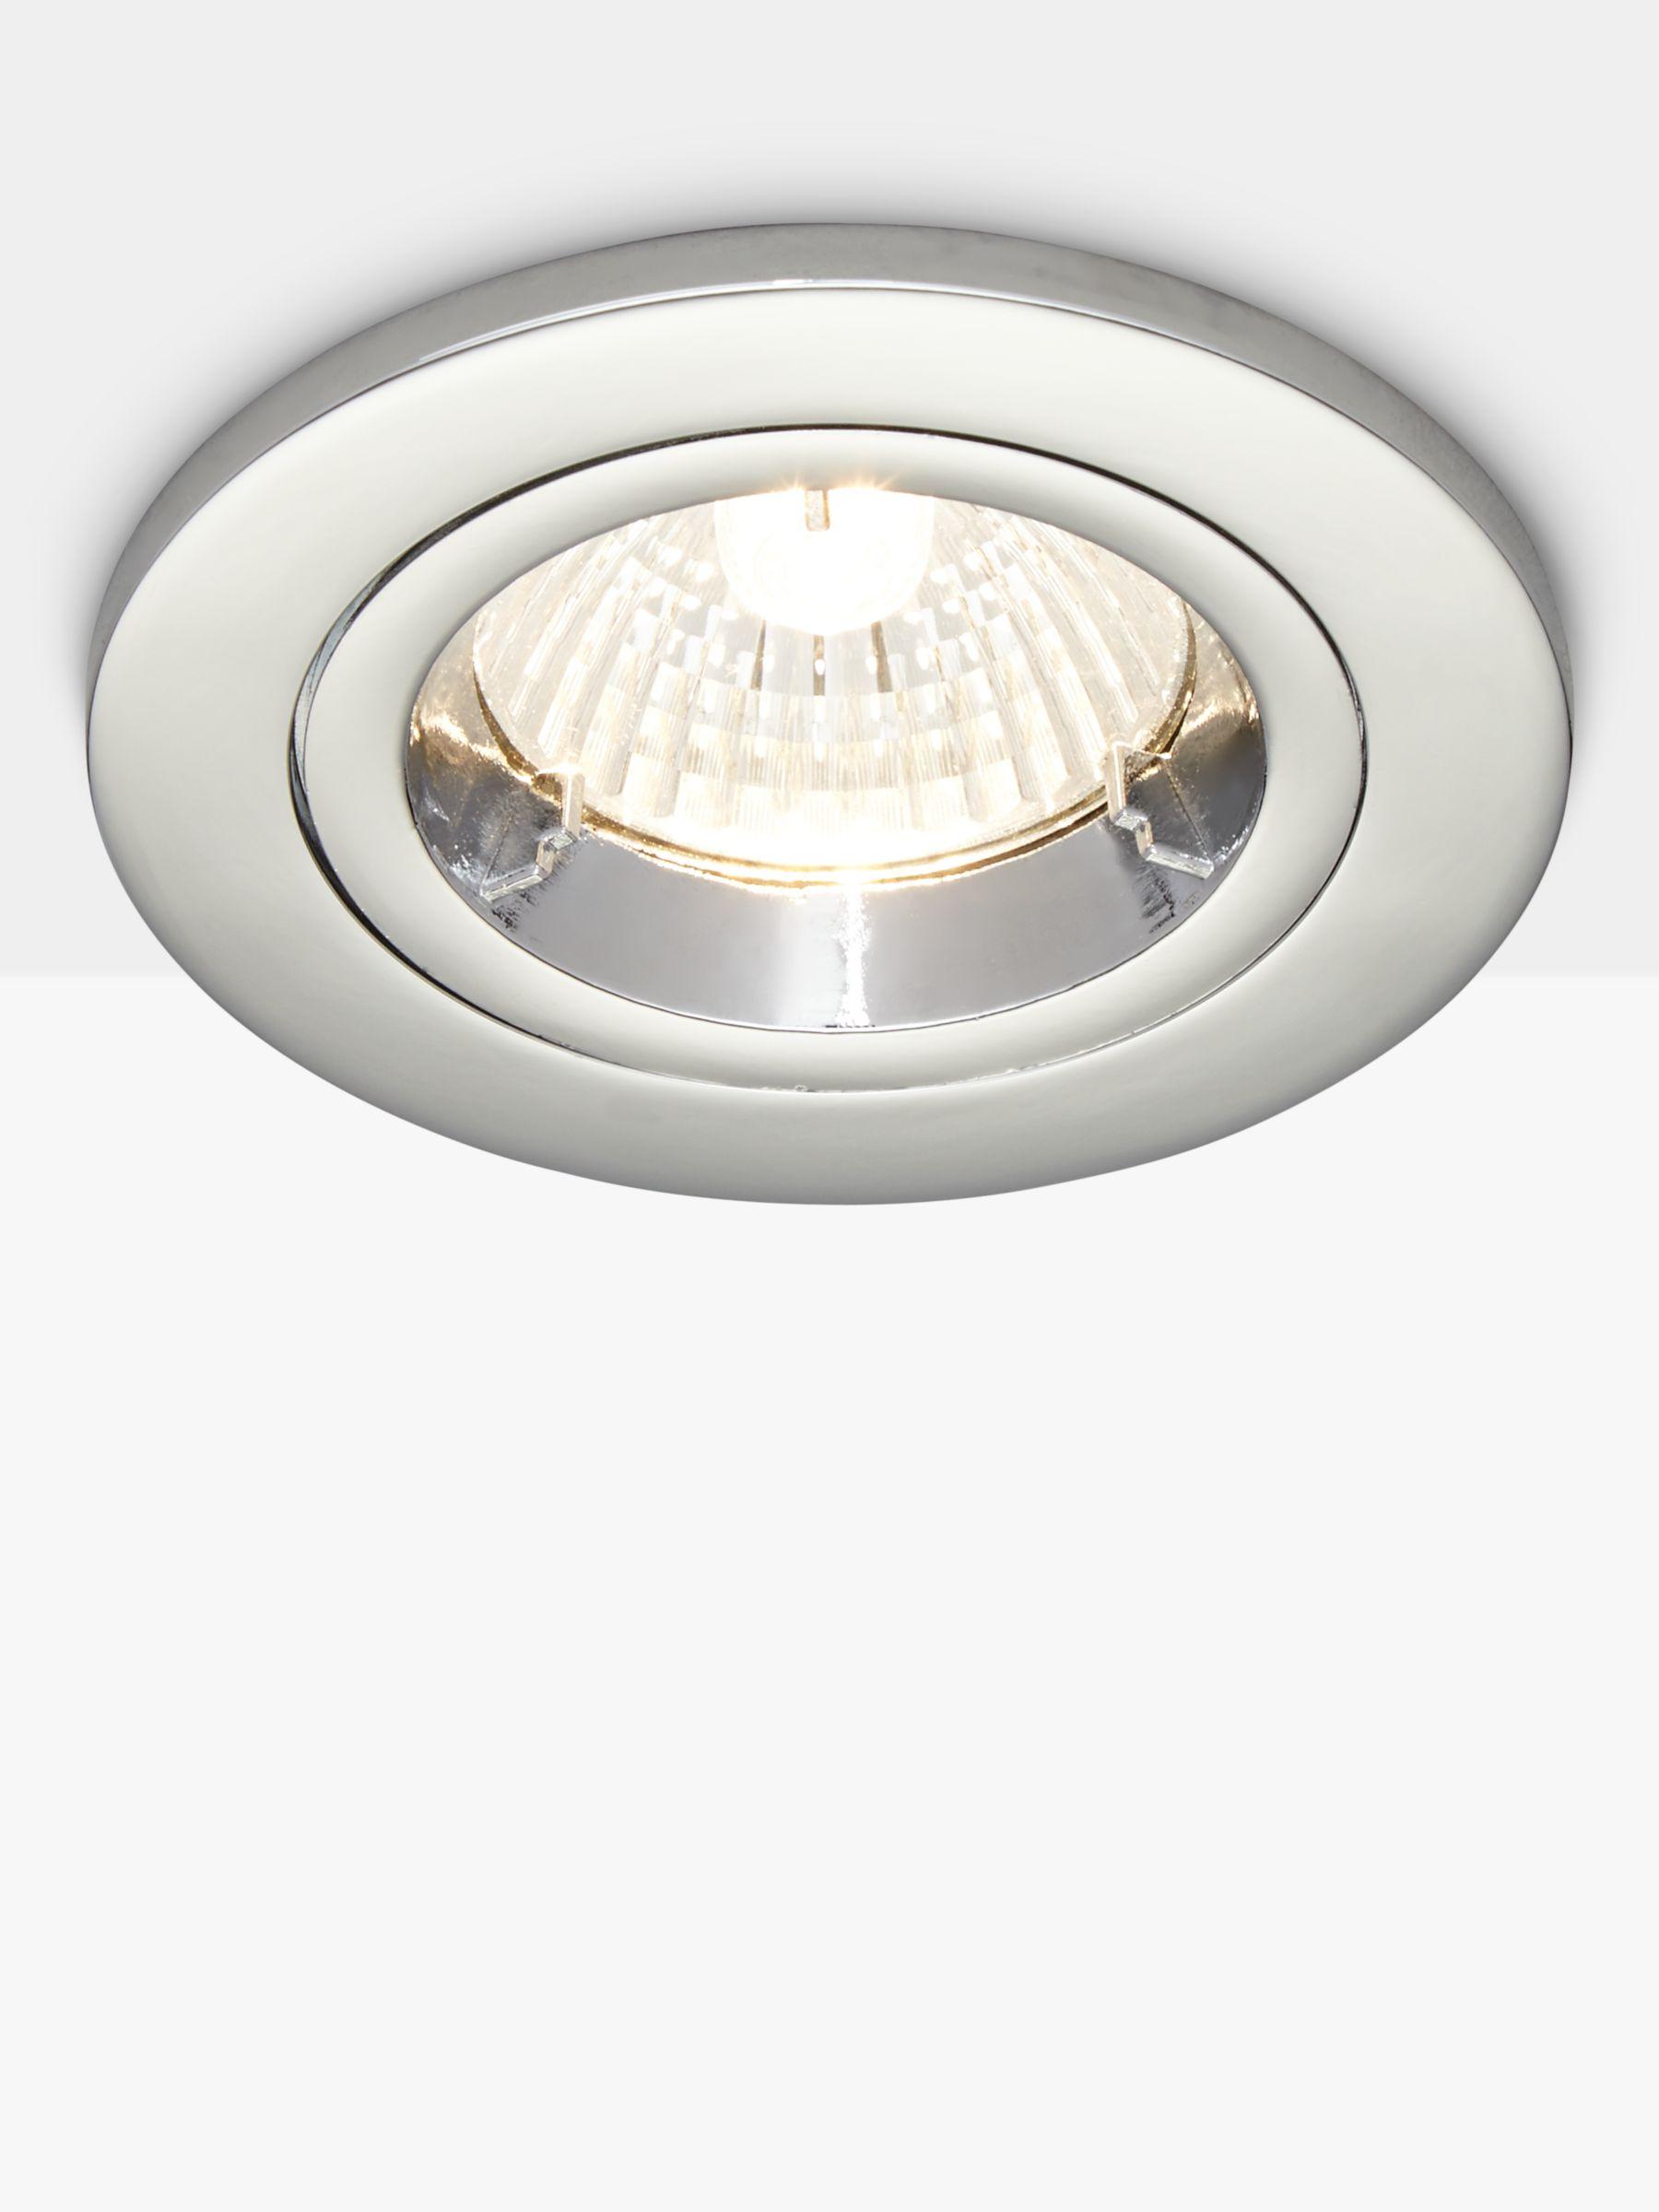 Saxby Saxby Recessed Shield MV Fixed Spotlight